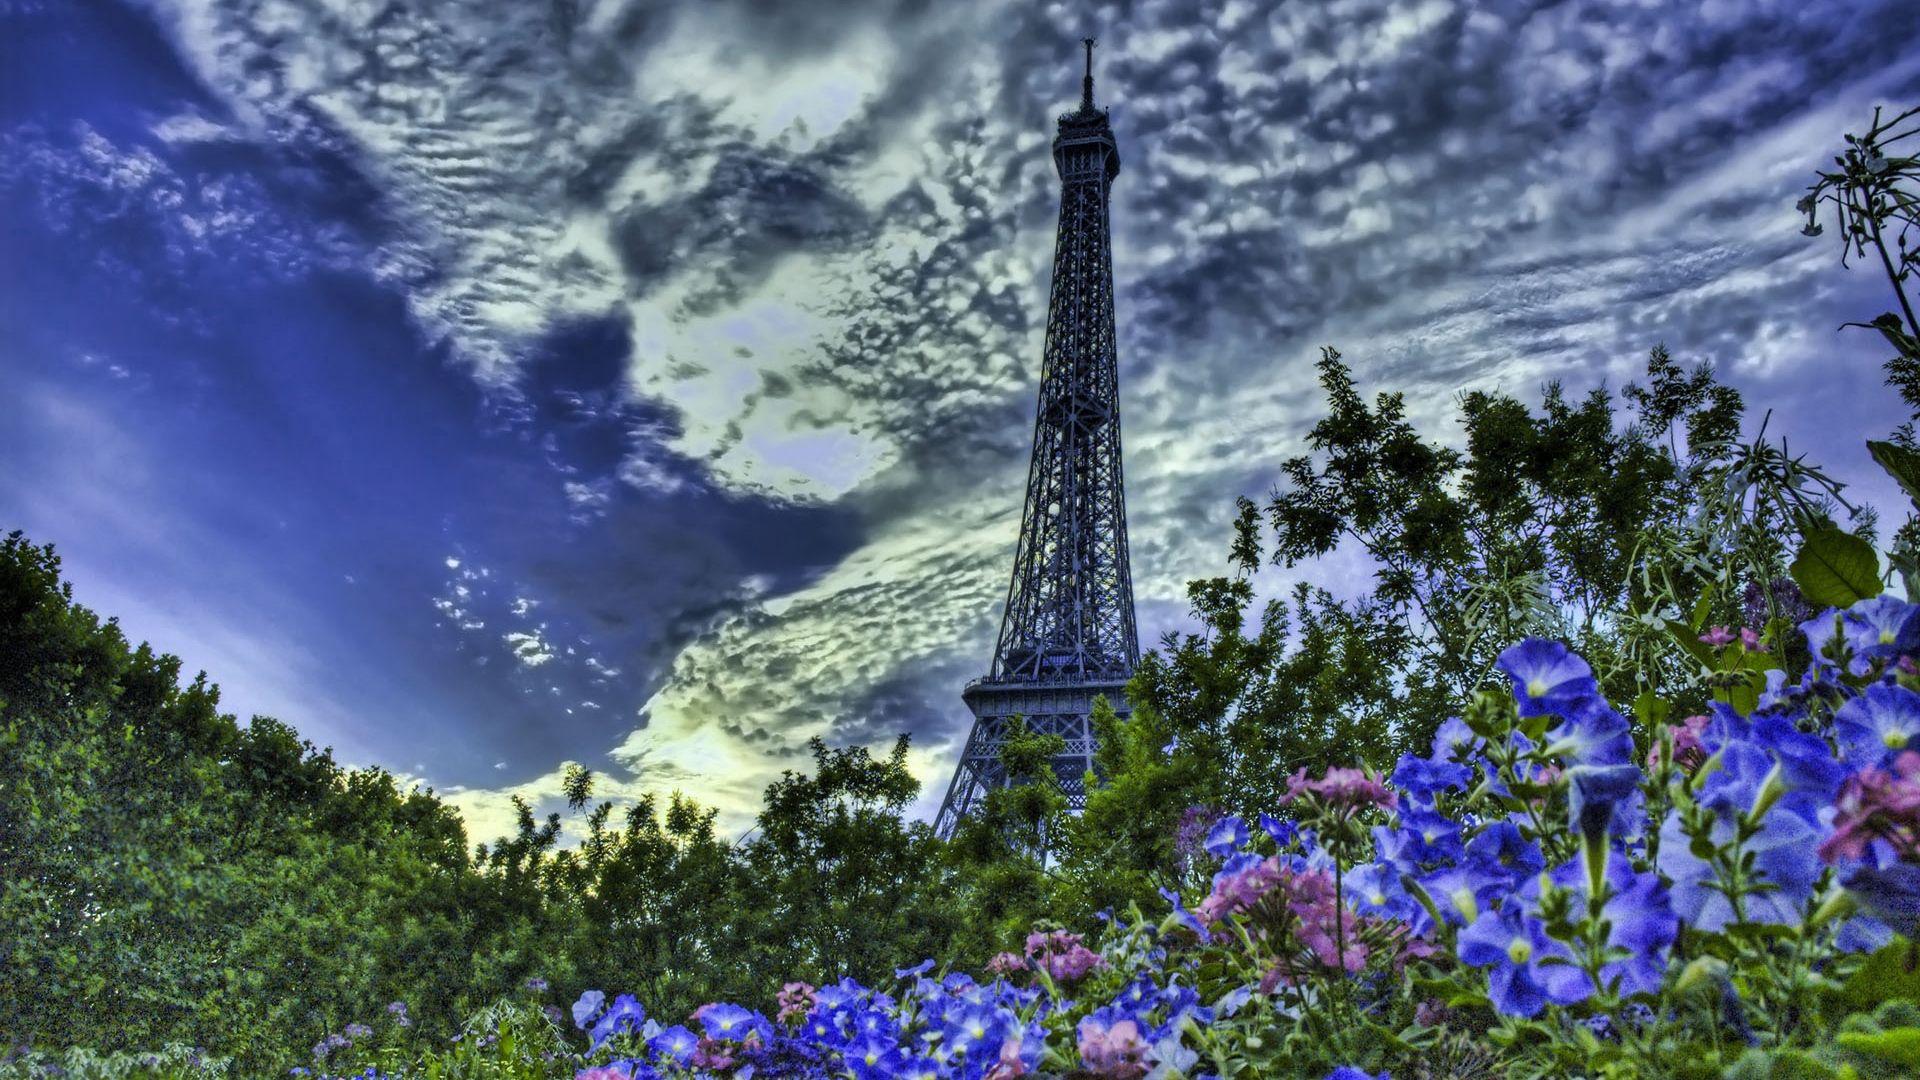 70213 télécharger le fond d'écran Paris, France, Sky, Hdr, Villes, Tour Eiffel, Fleurs - économiseurs d'écran et images gratuitement